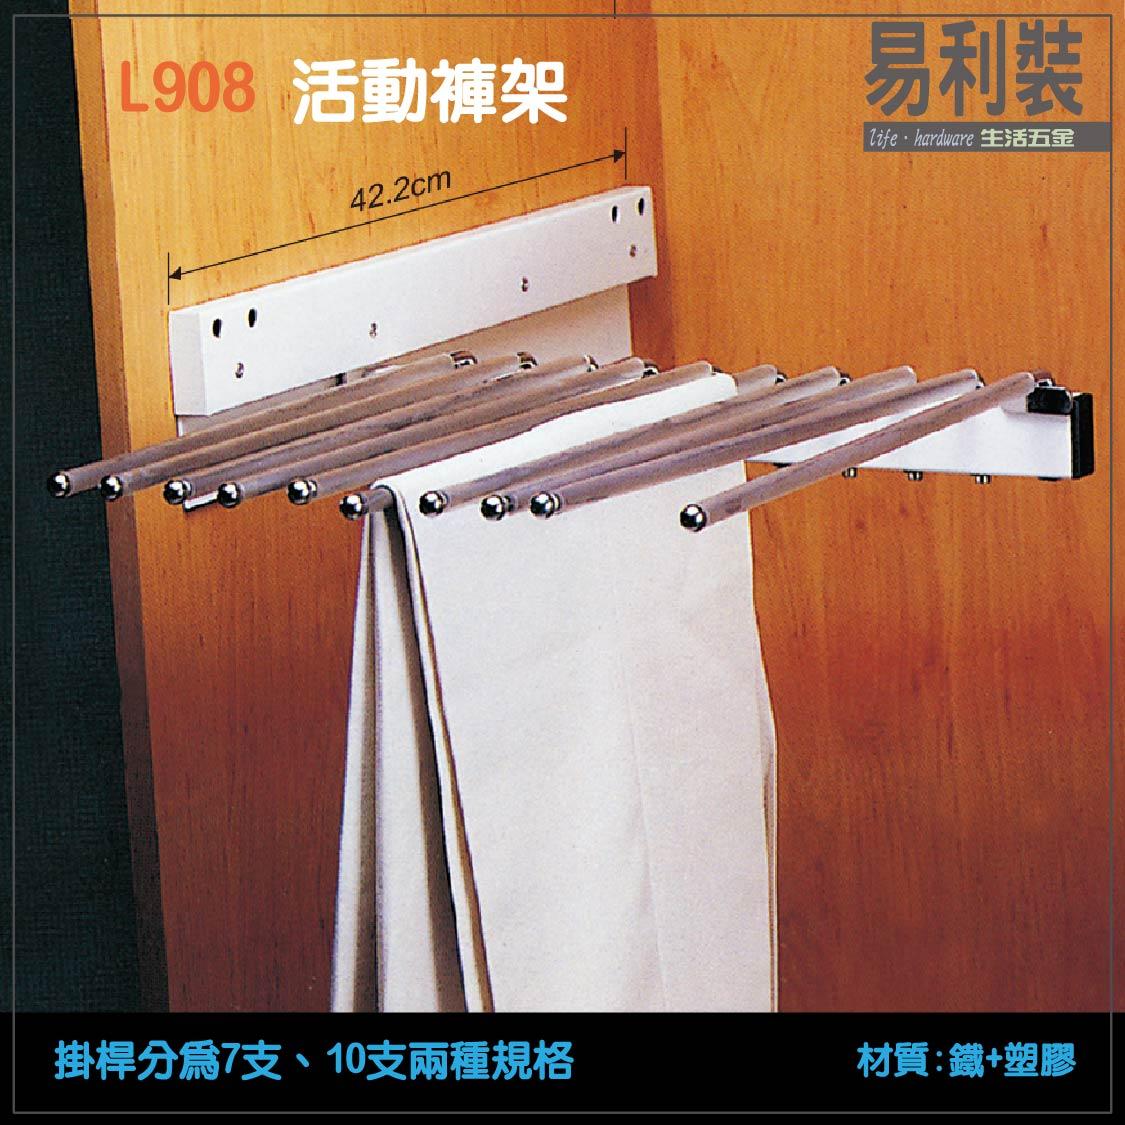 【 EASYCAN  】L908 活動褲架 易利裝生活五金 房間 臥房 客廳 小資族 辦公家具 系統家具 - 限時優惠好康折扣